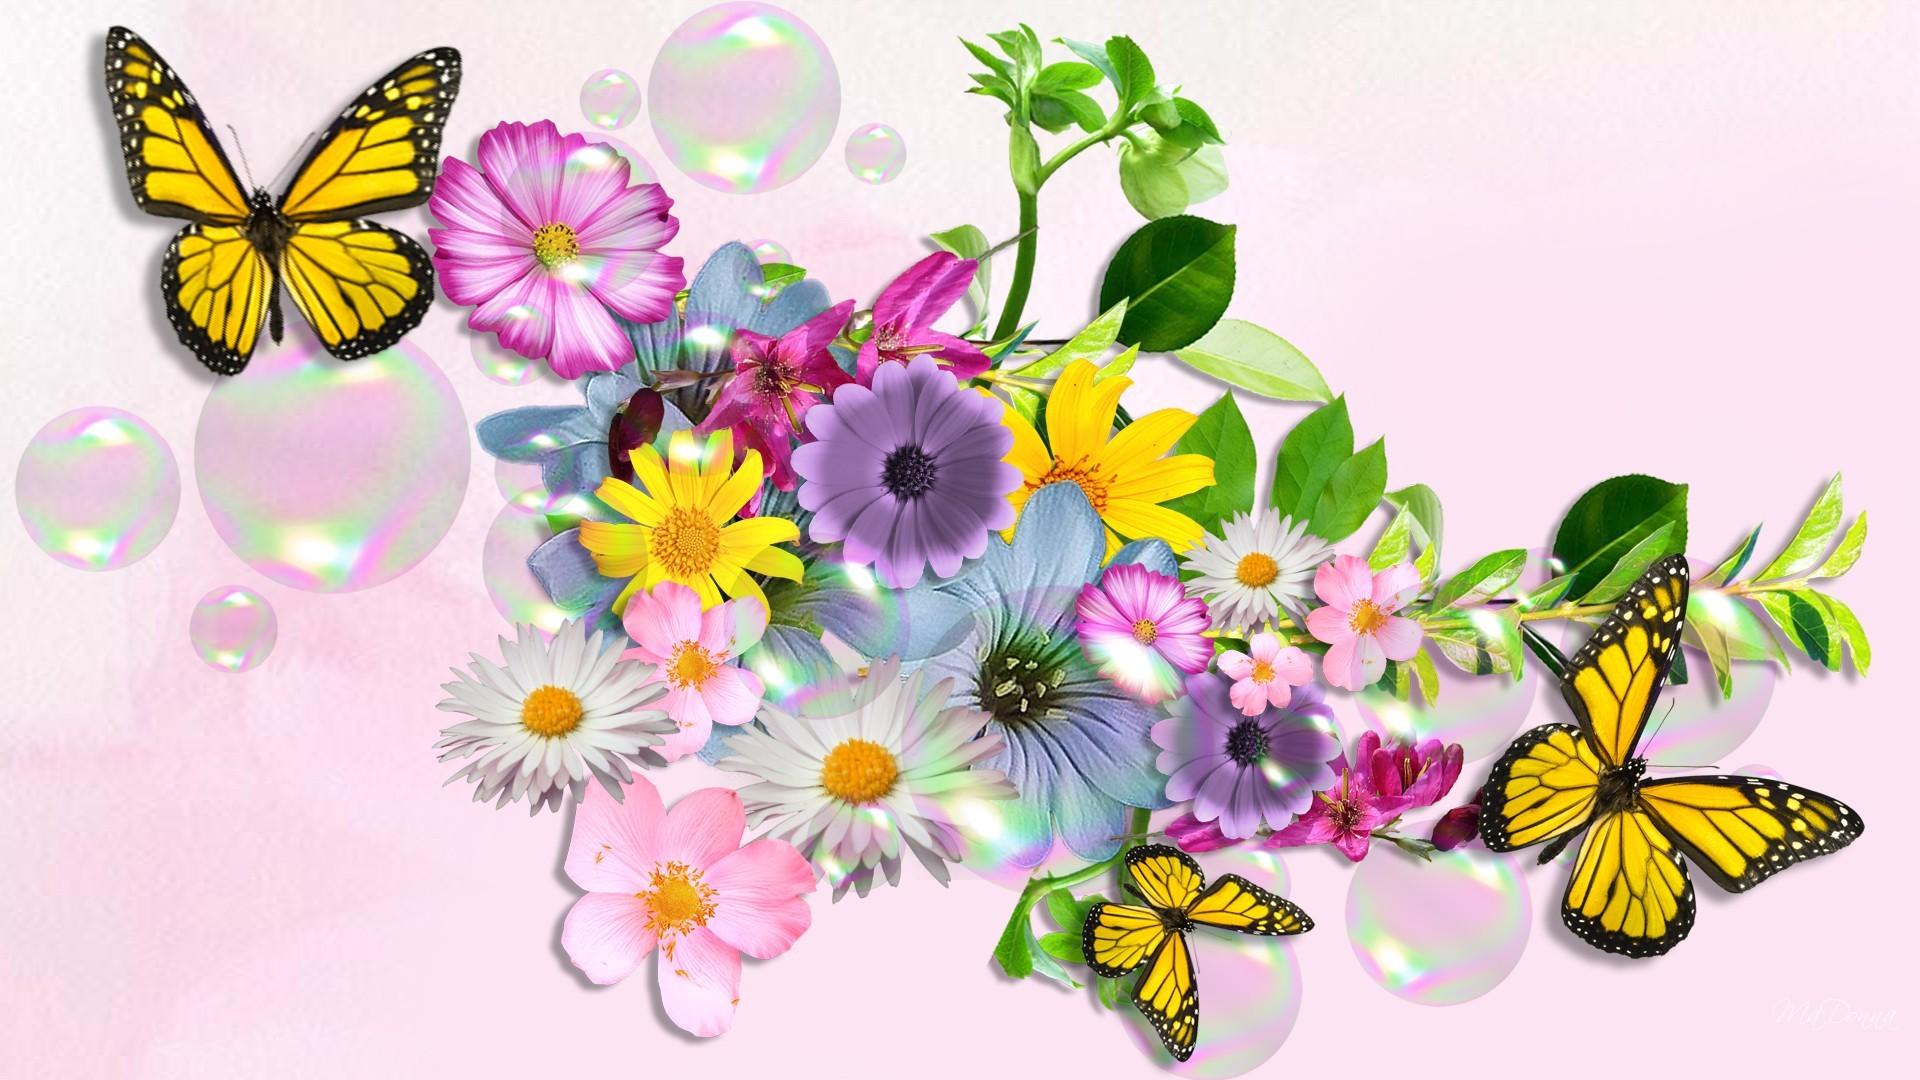 Butterfly Wallpaper ·① Download Free Beautiful Full HD